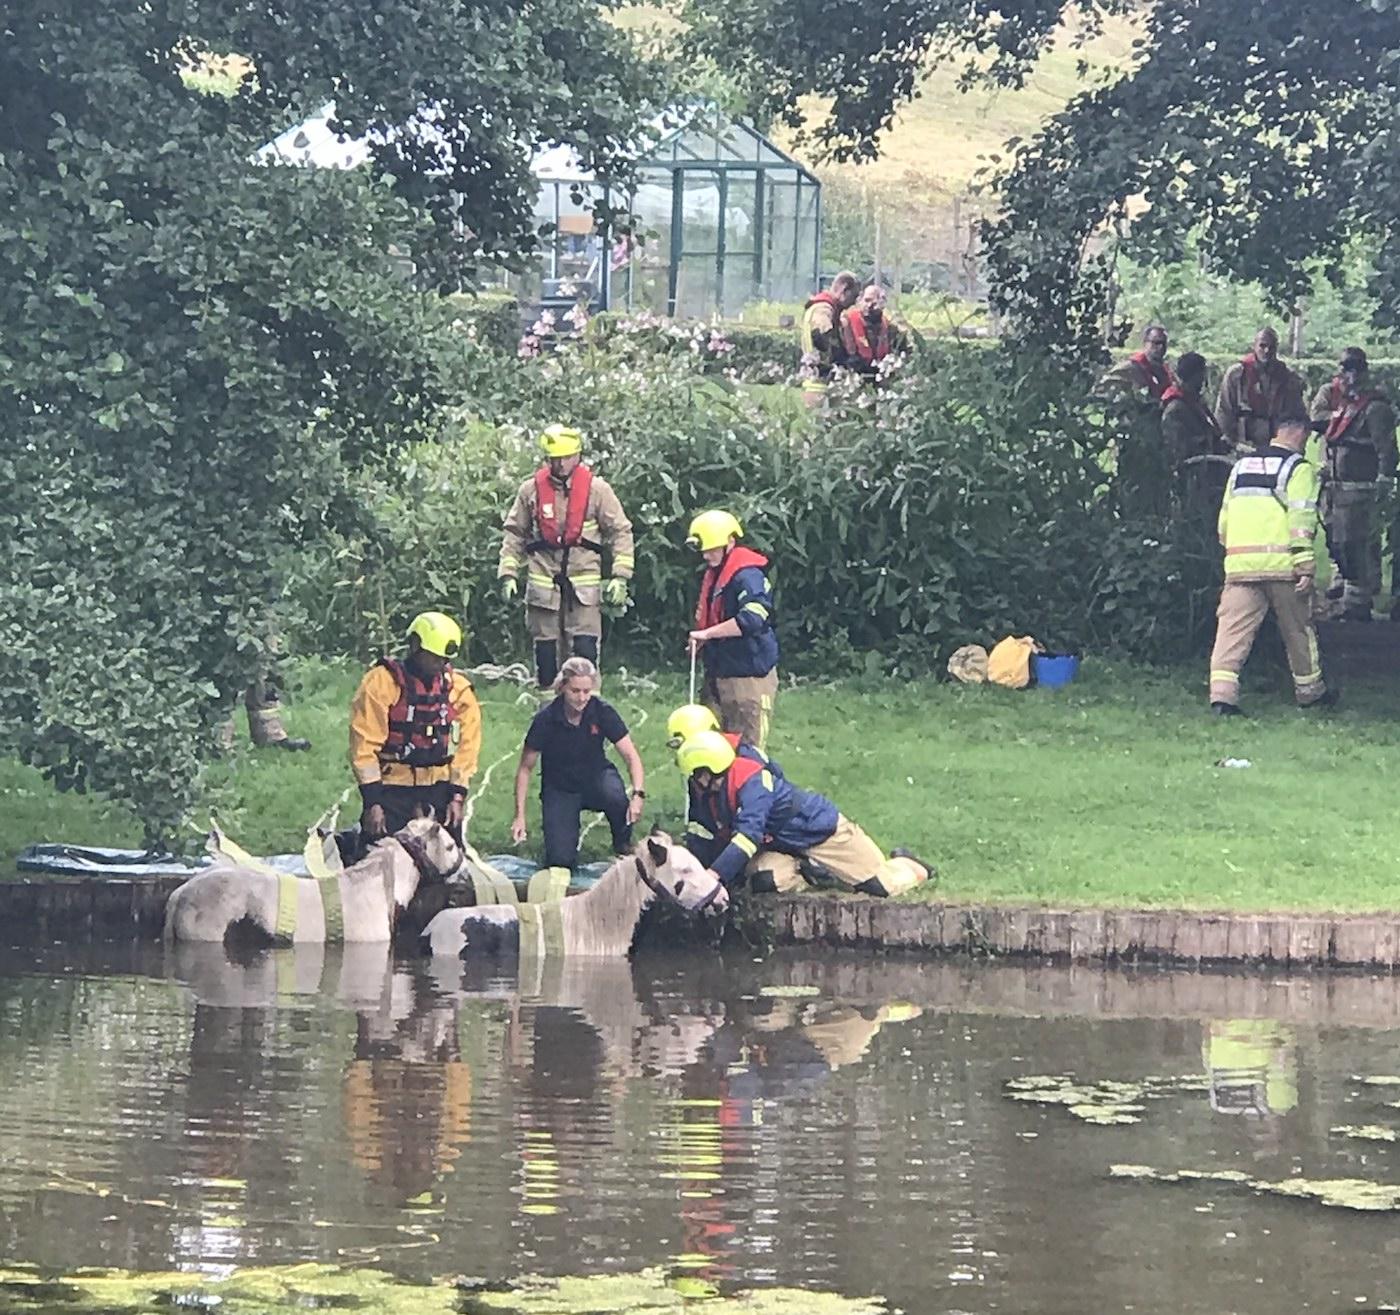 Os pôneis resgatados tiveram que ser salvos novamente após a queda do lago do jardim 1